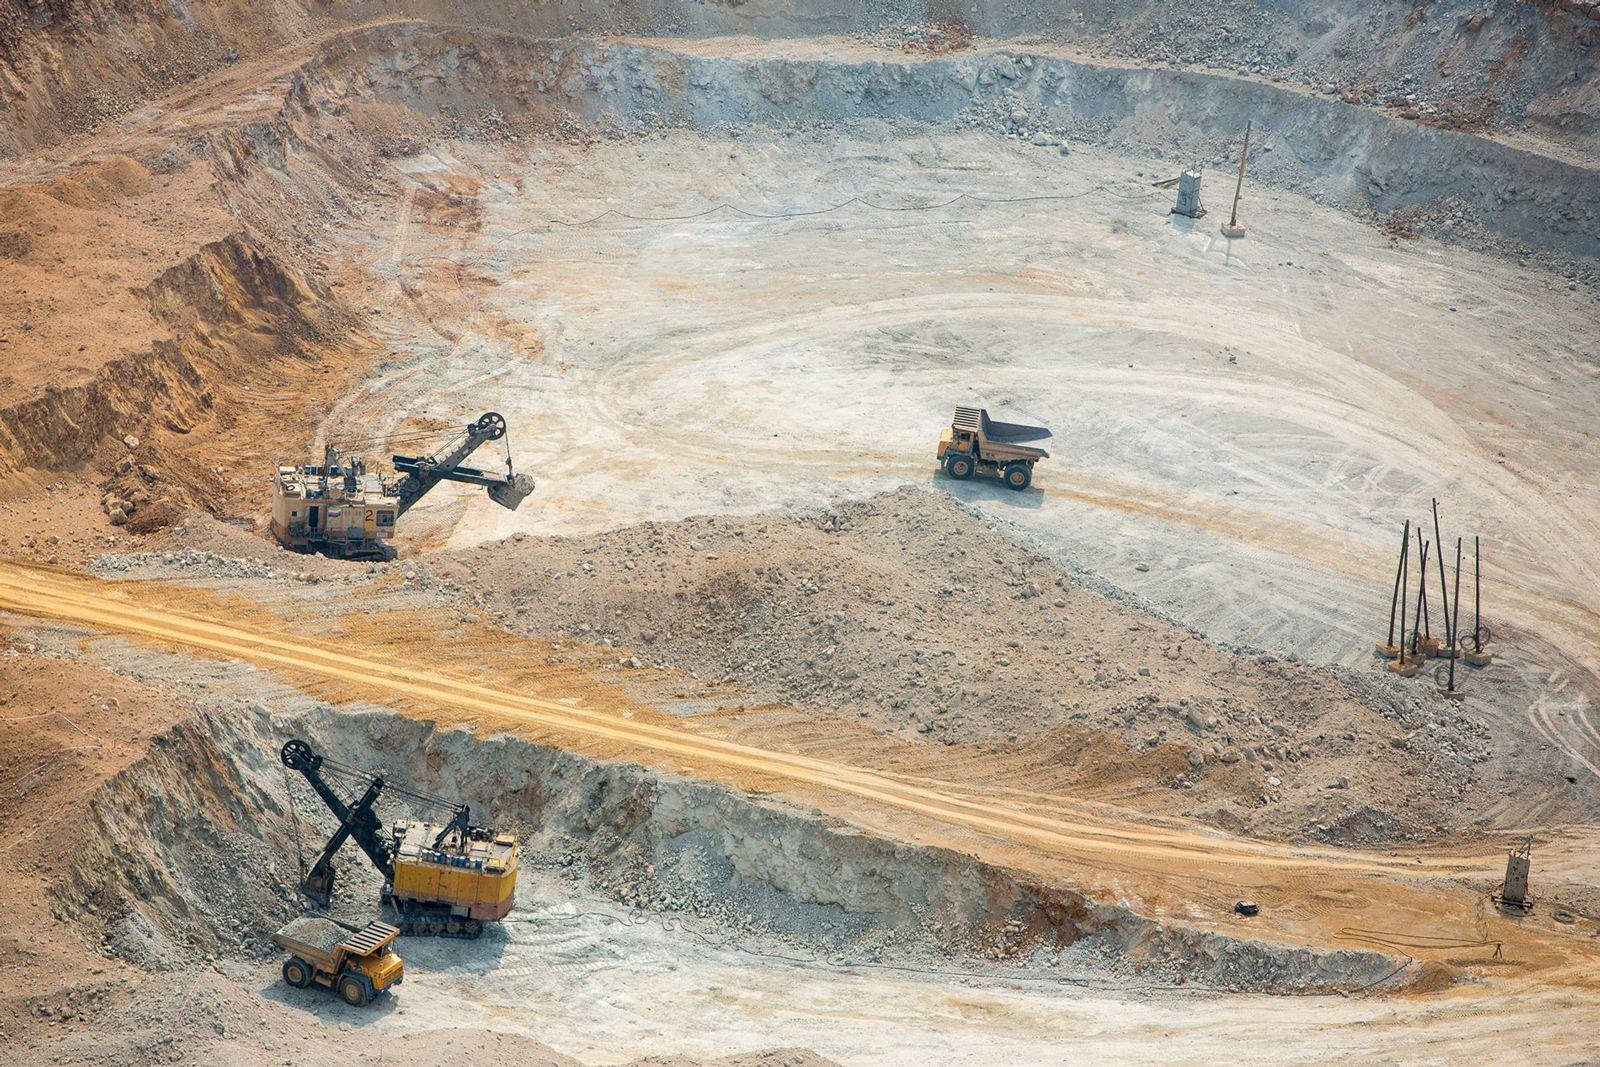 первое место по добыче железной руды занимает